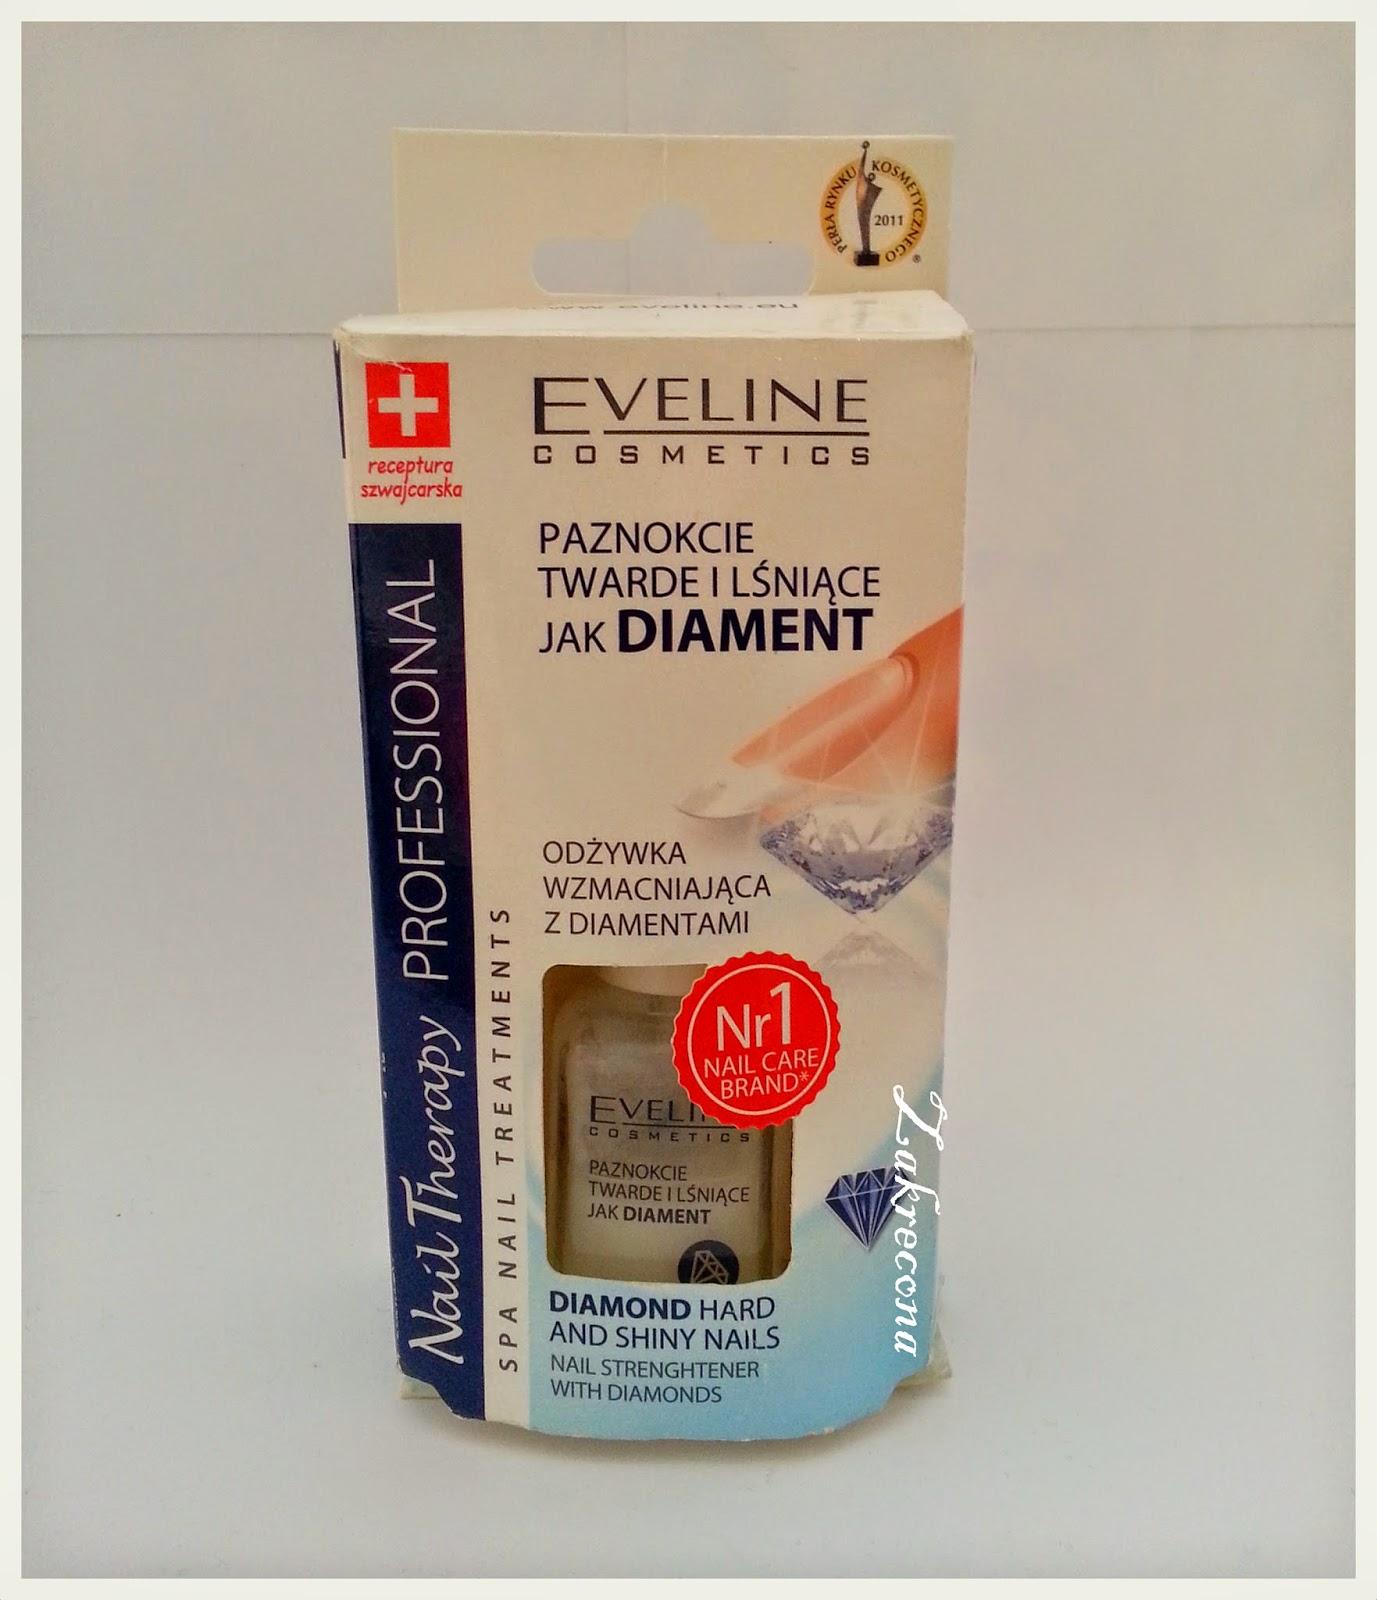 Odżywka Eveline, Paznokcie twarde jak diament - jak działa?